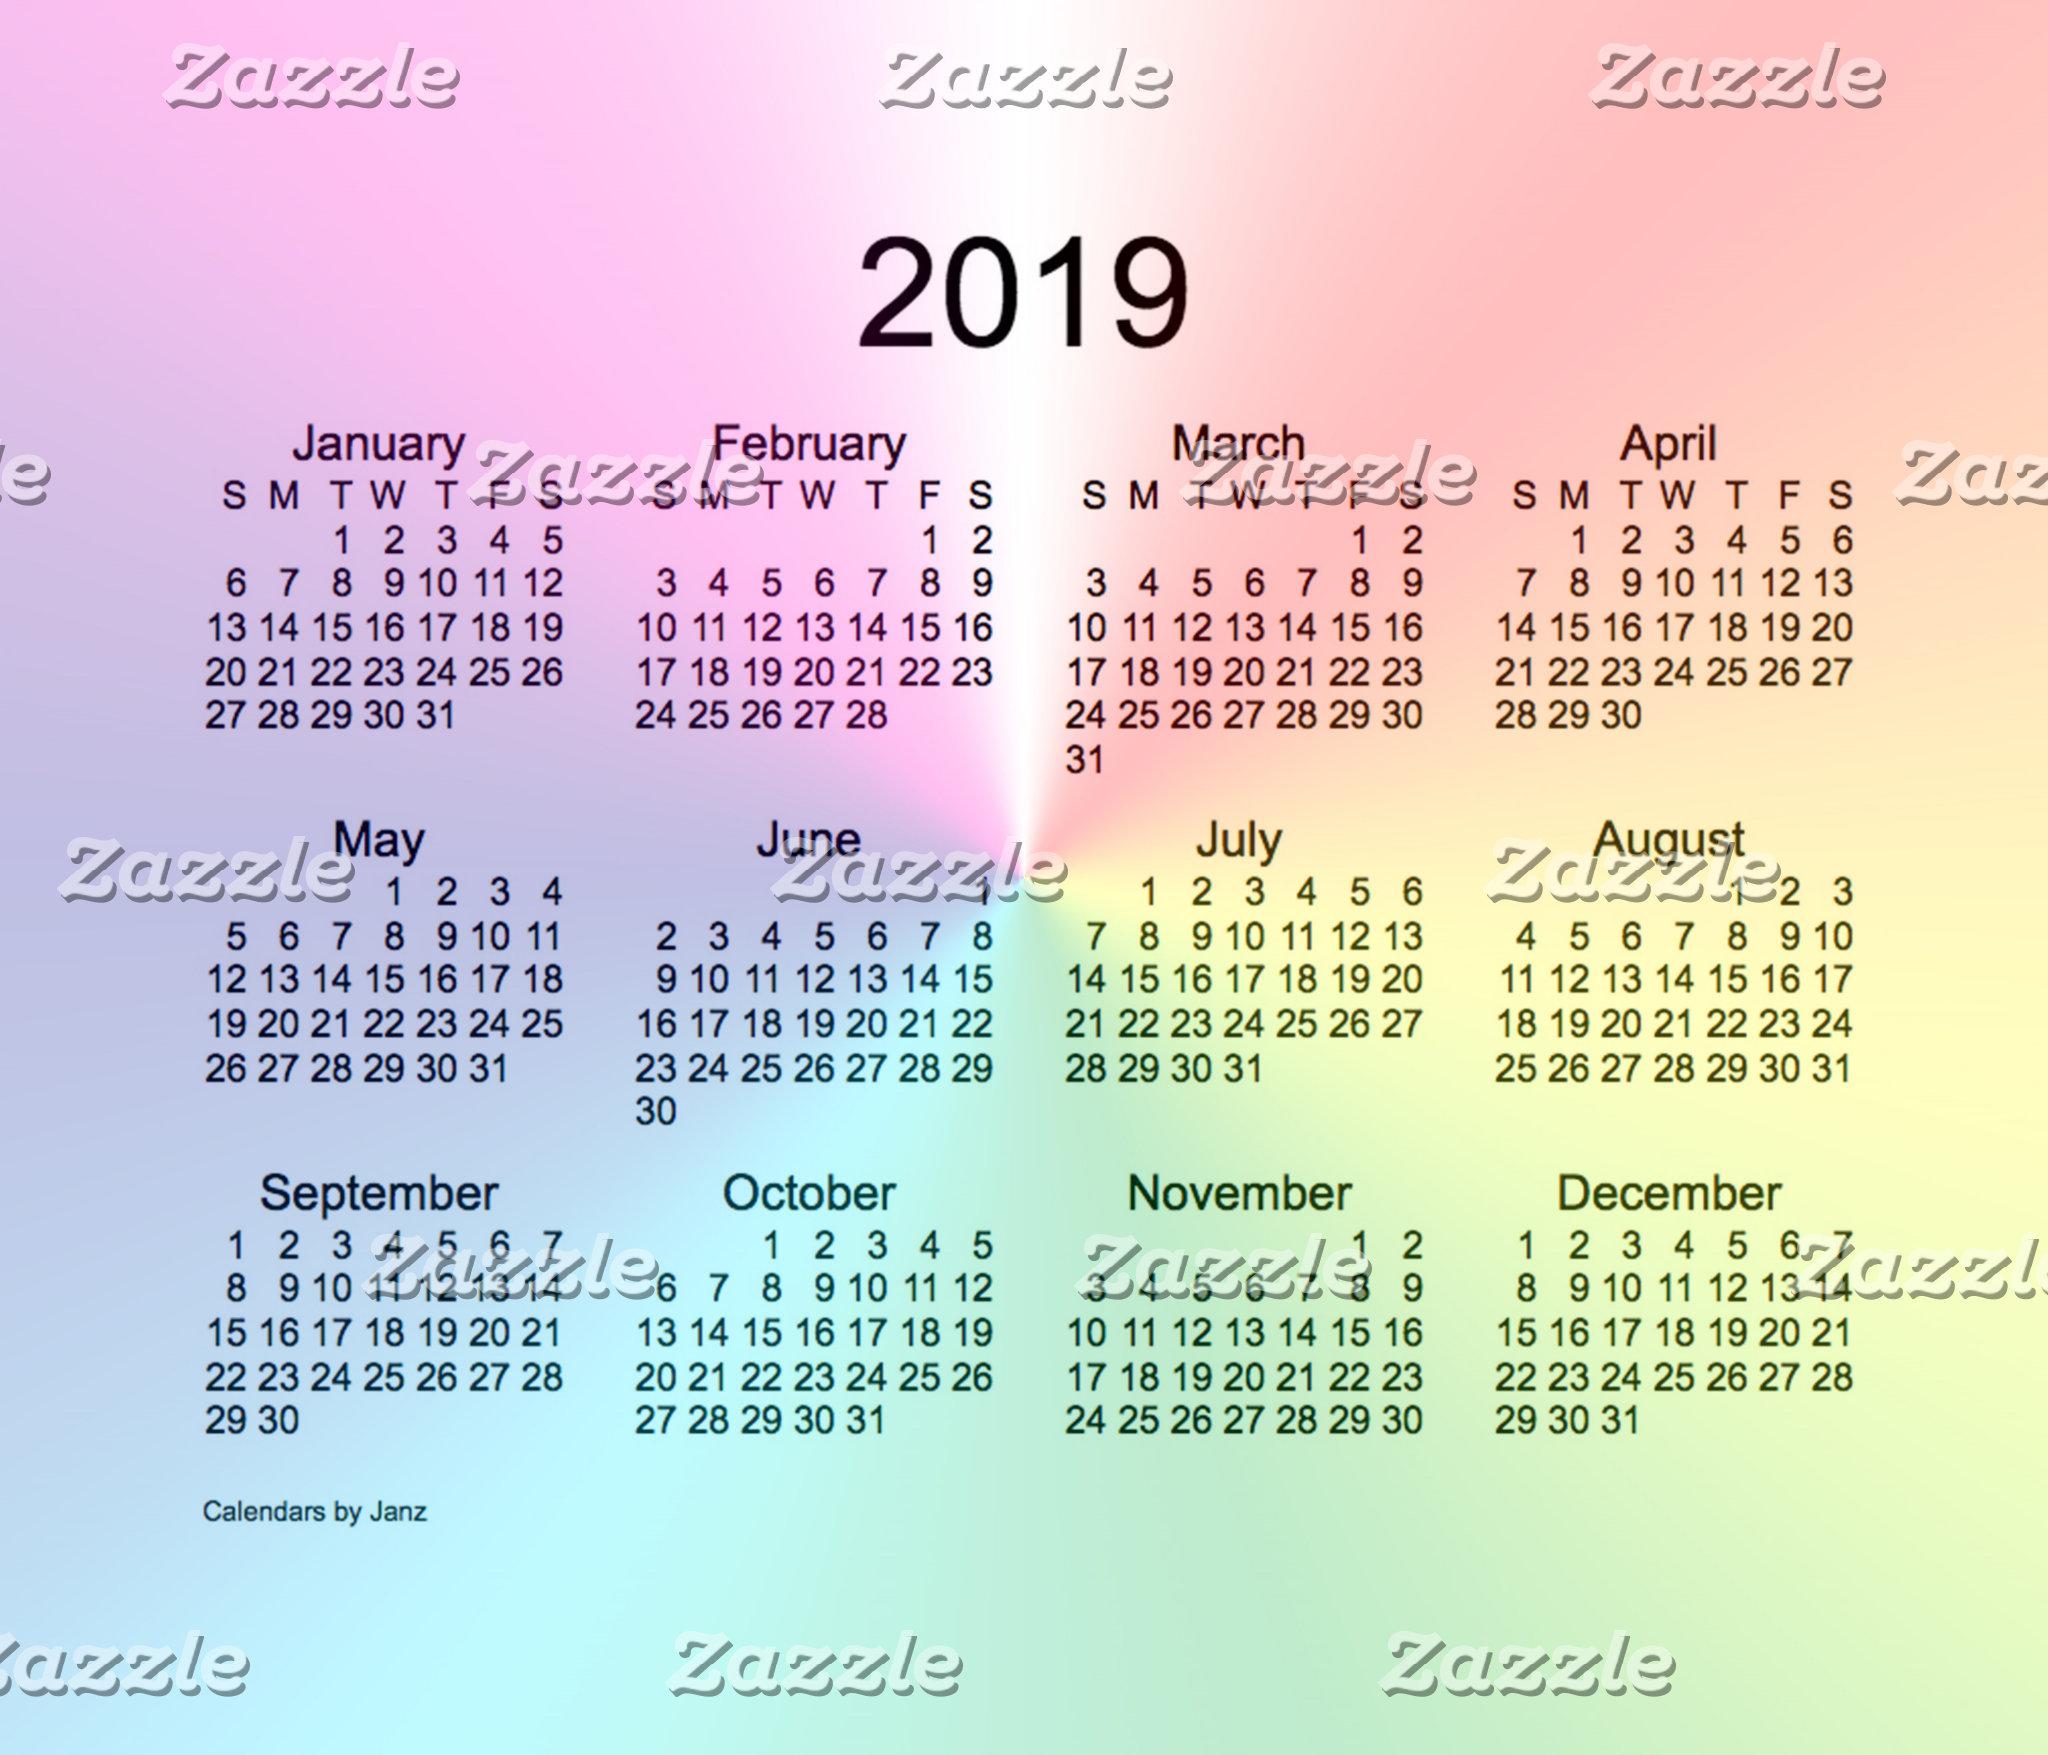 2019 Calendars by Janz